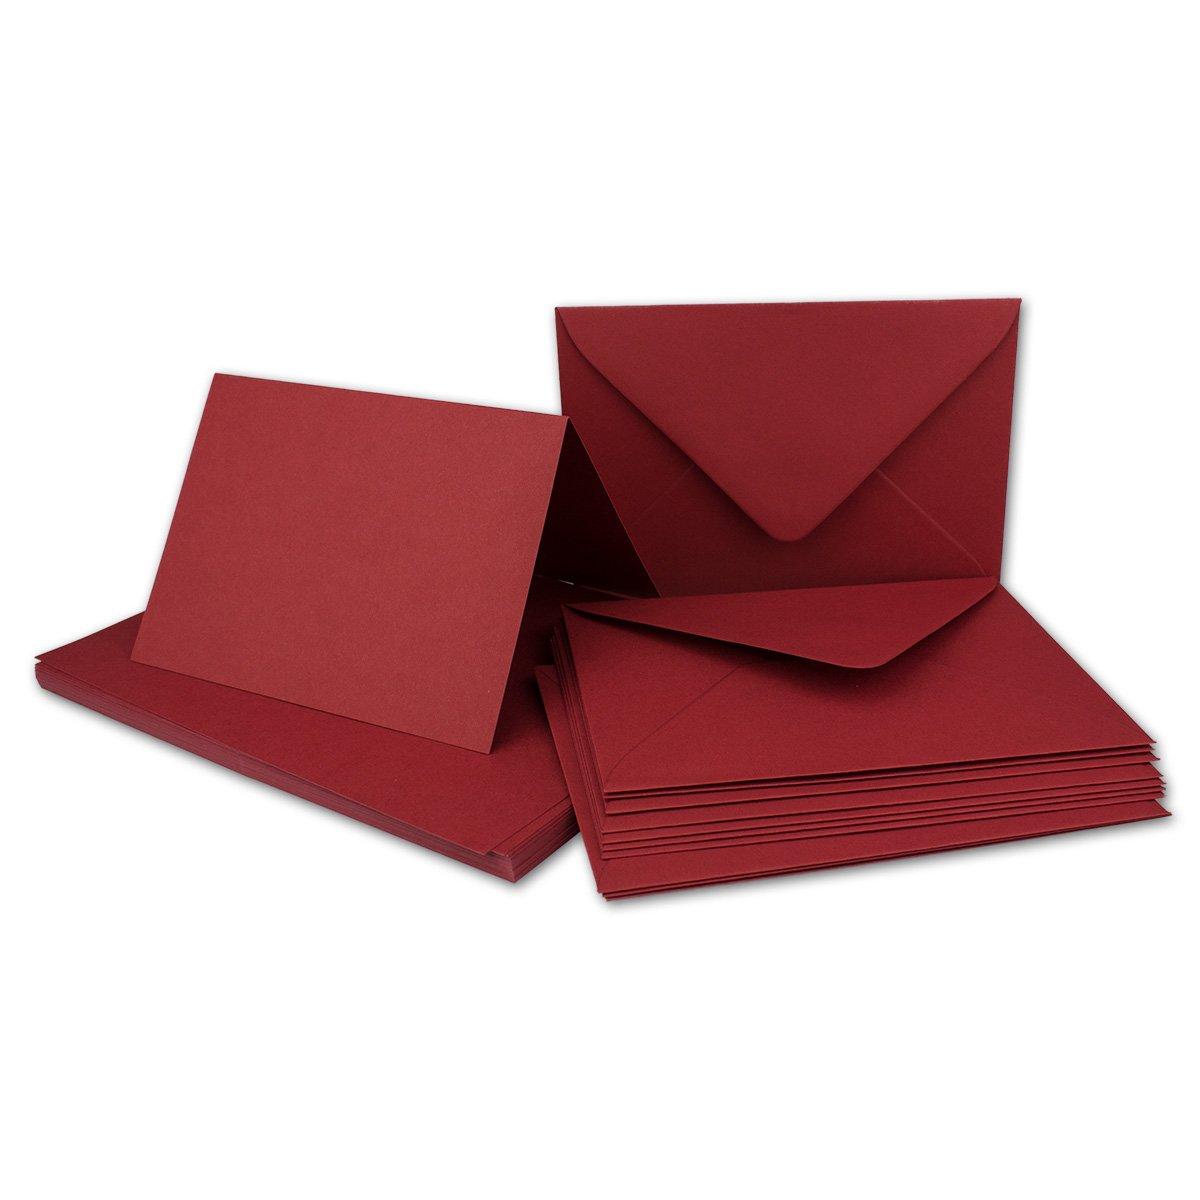 Faltkarten Faltkarten Faltkarten Set mit Brief-Umschlägen DIN A6   C6 in Rosanrot   100 Sets   14,8 x 10,5 cm   Premium Qualität   Serie FarbenFroh® B0727RX6KR | Fierce Kaufen  cfc870